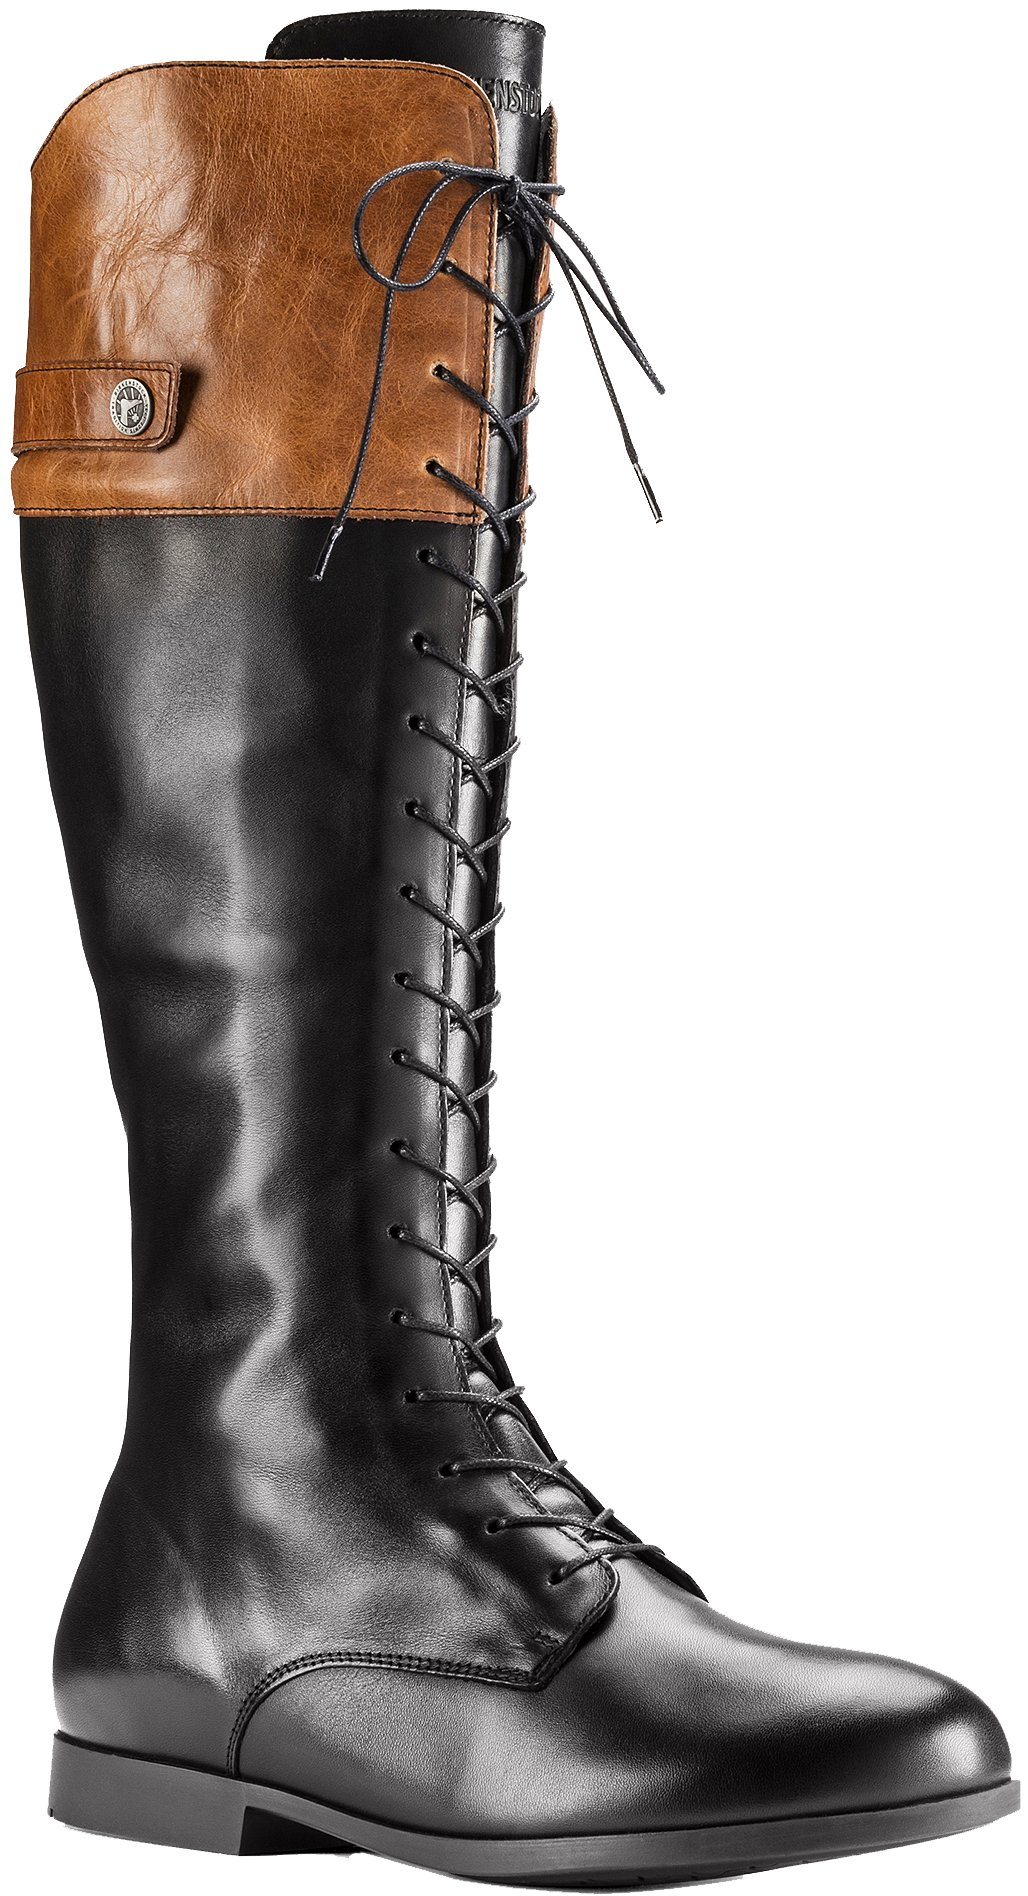 Birkenstock Women's Longford Boot Black/Camel Leather Size 38 M EU